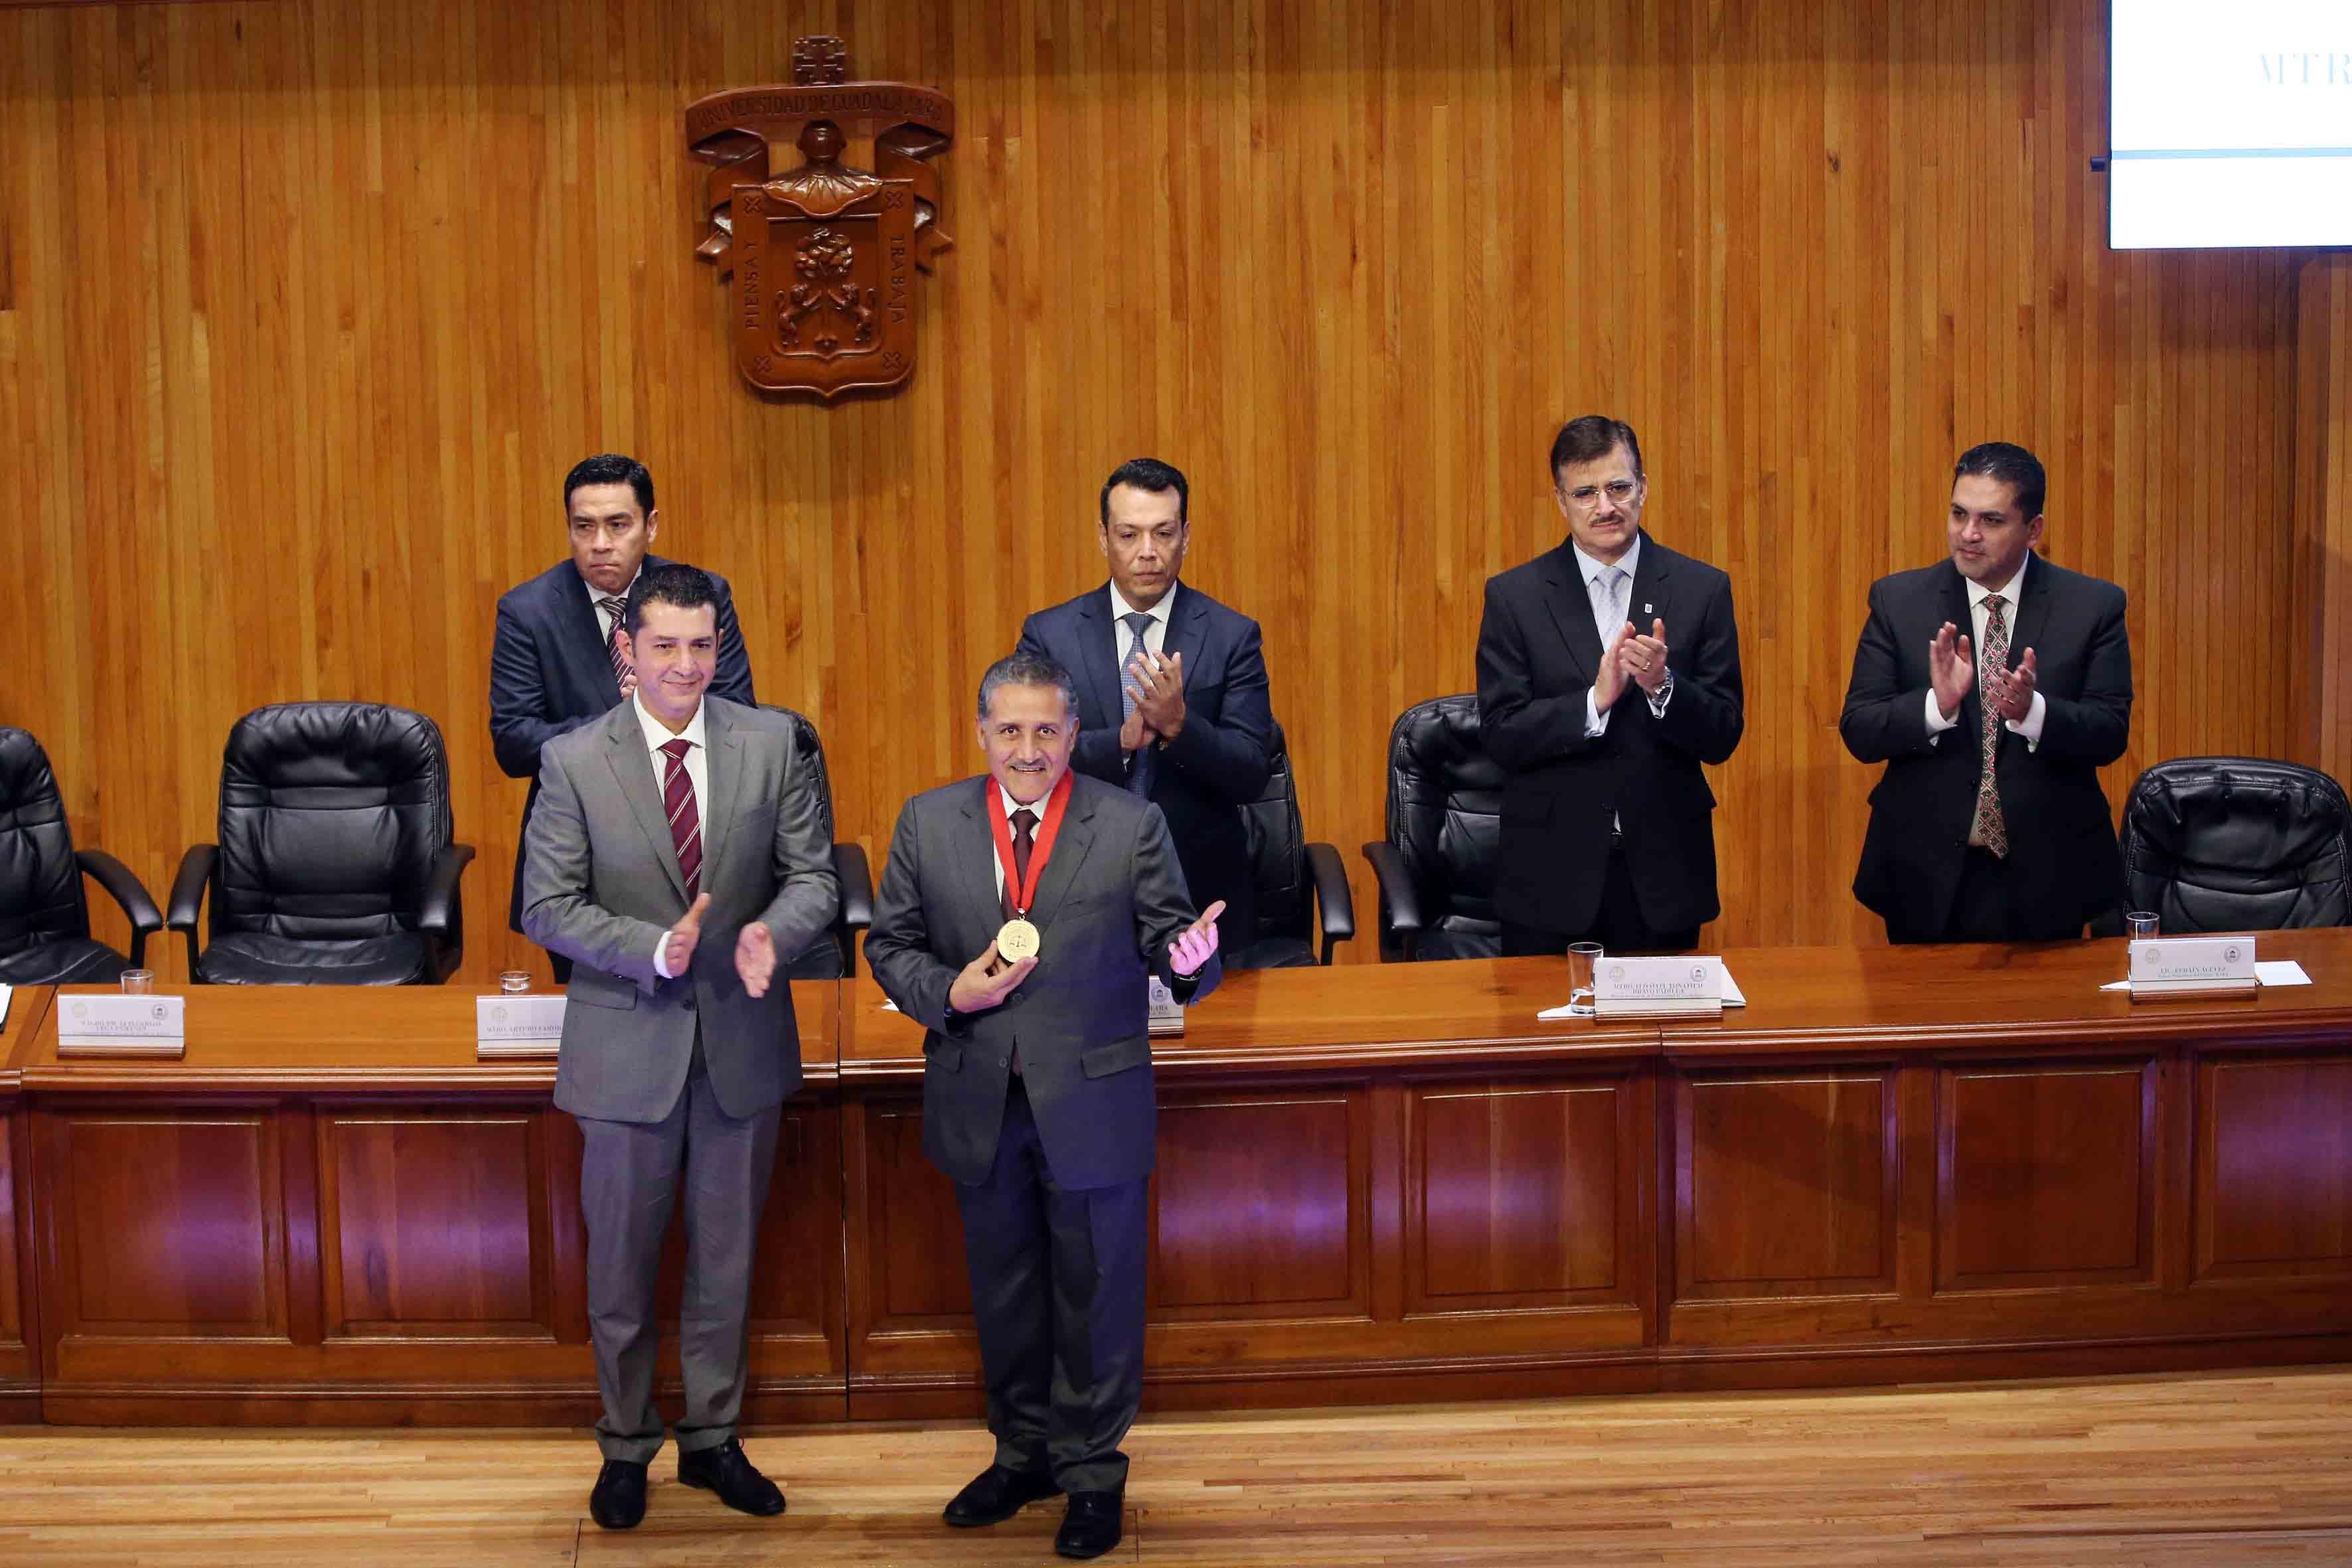 El maestro y senador Arturo Zamora Jiménez, con medalla en cuello, agradeciendo al público asistente al Paraninfo Enrique Díaz de León.